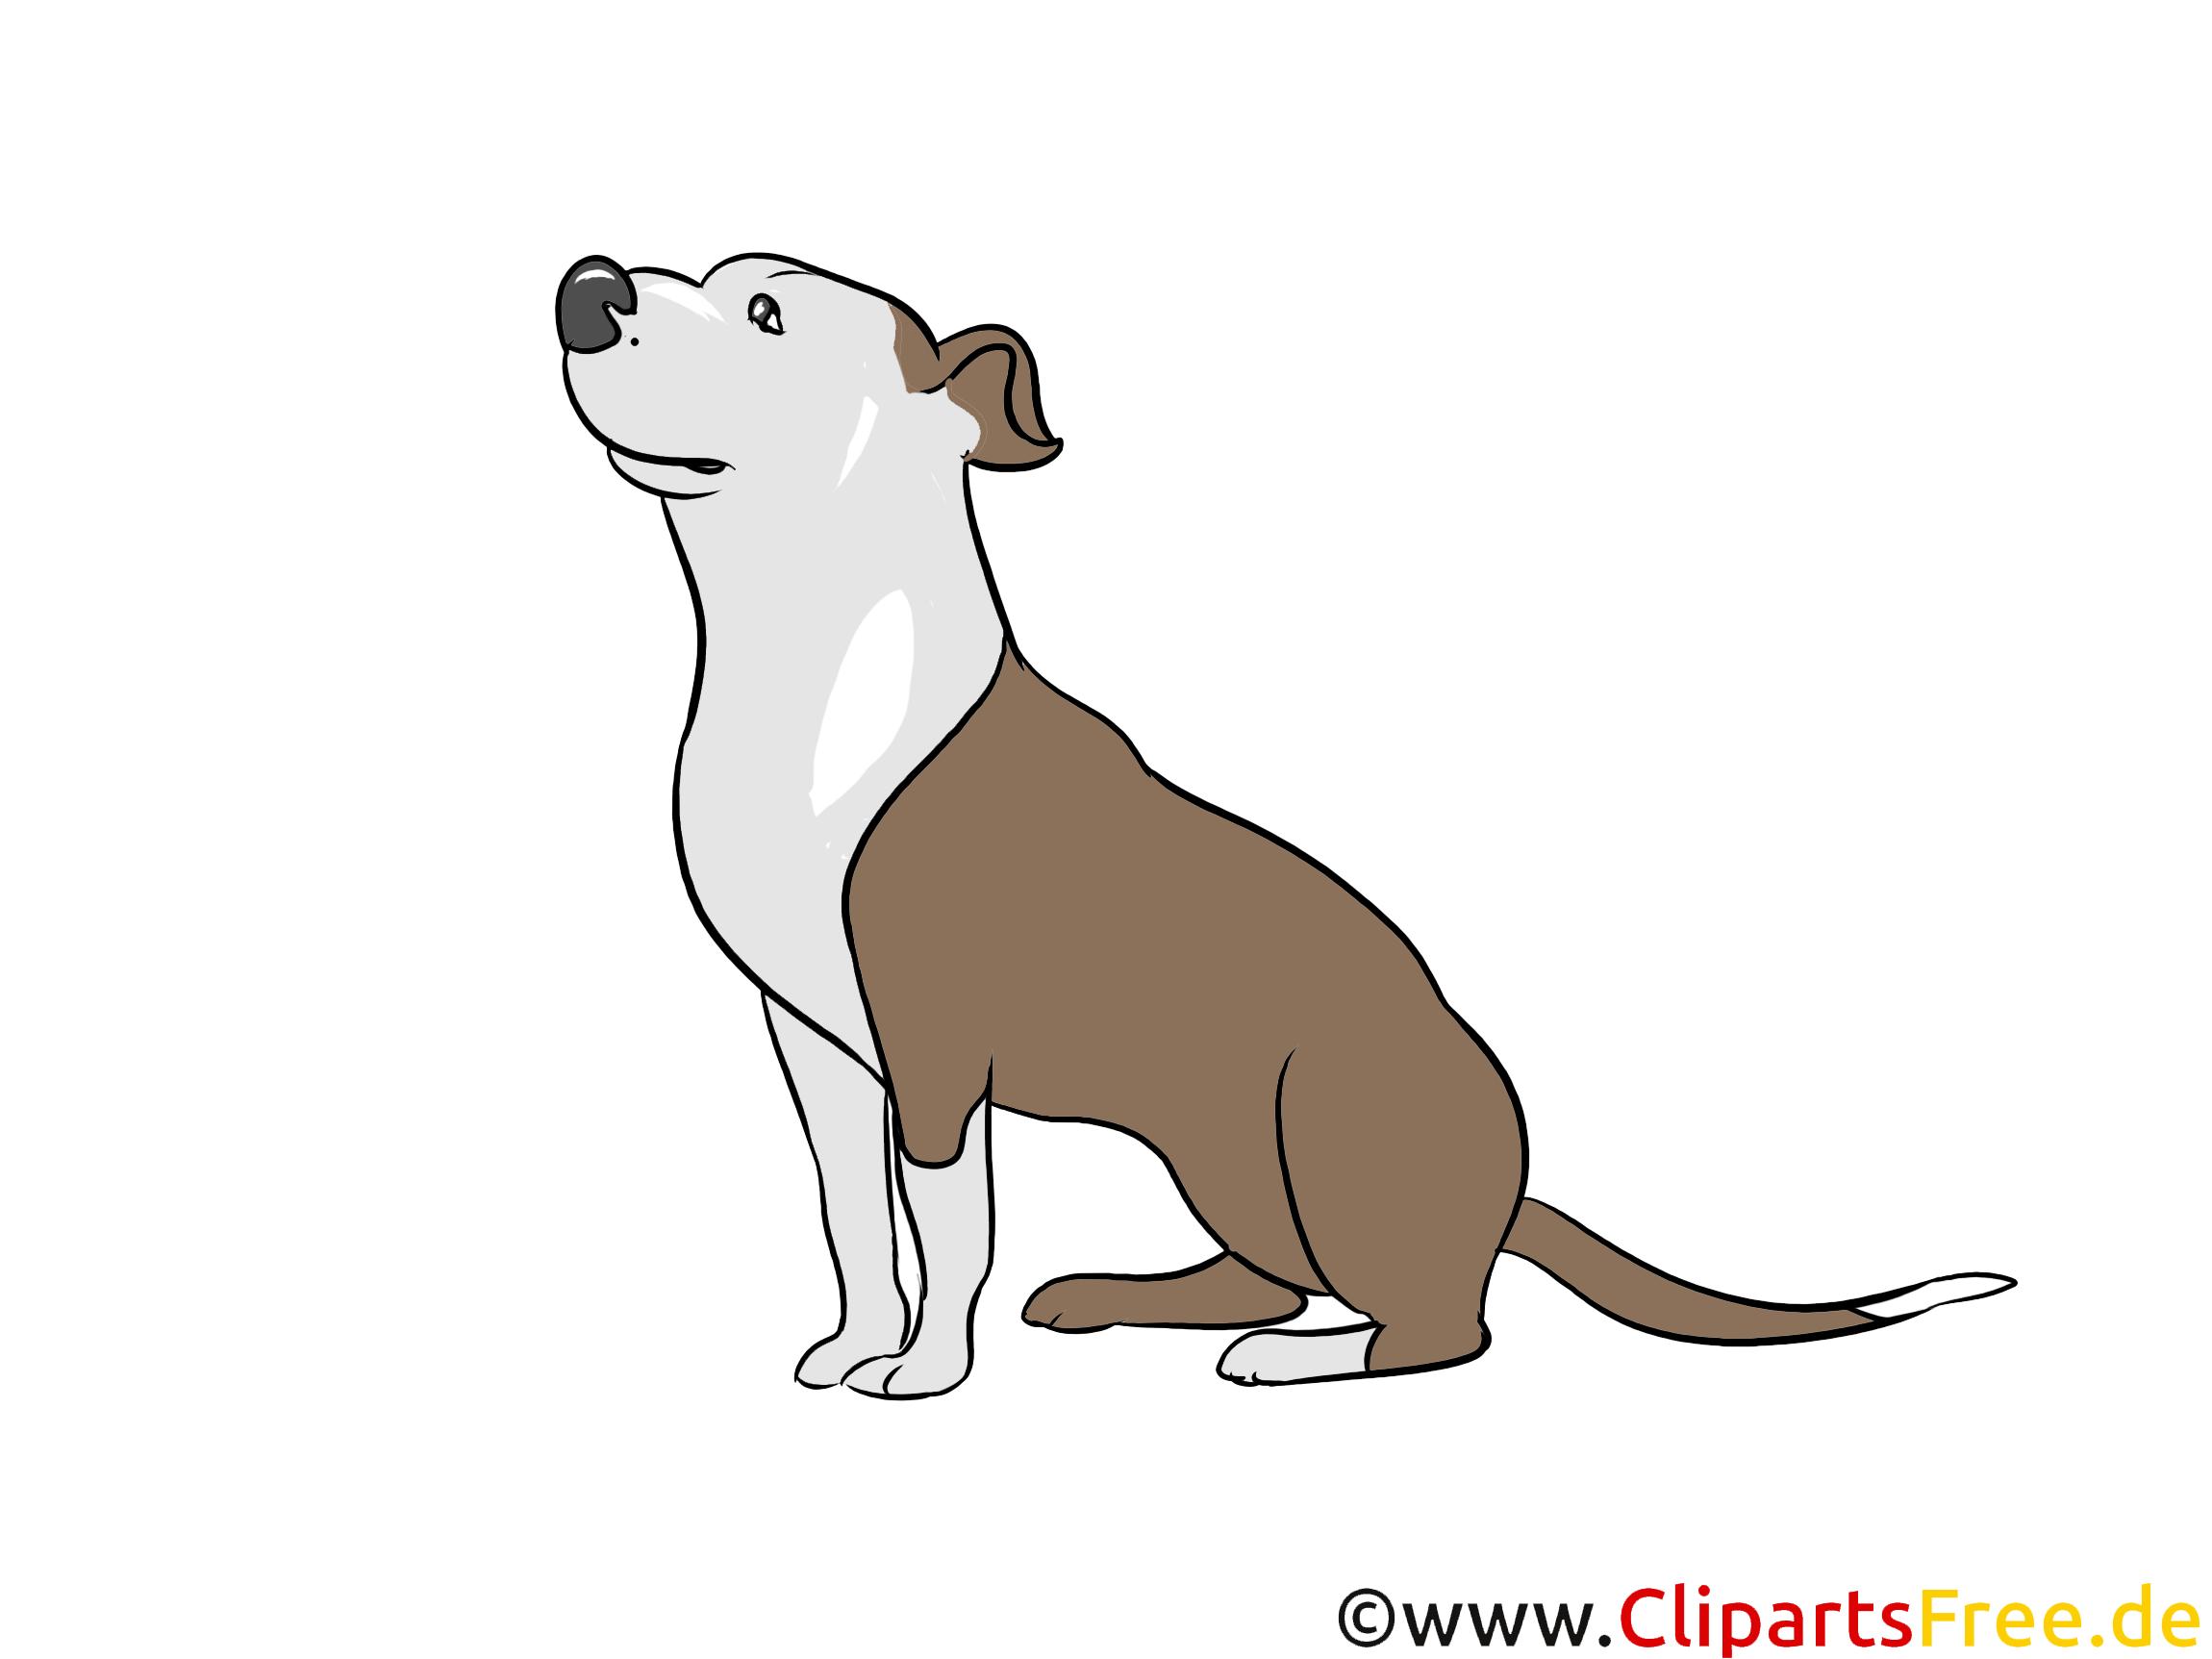 Hund Clipart Hunderassen Bilder zum Drucken